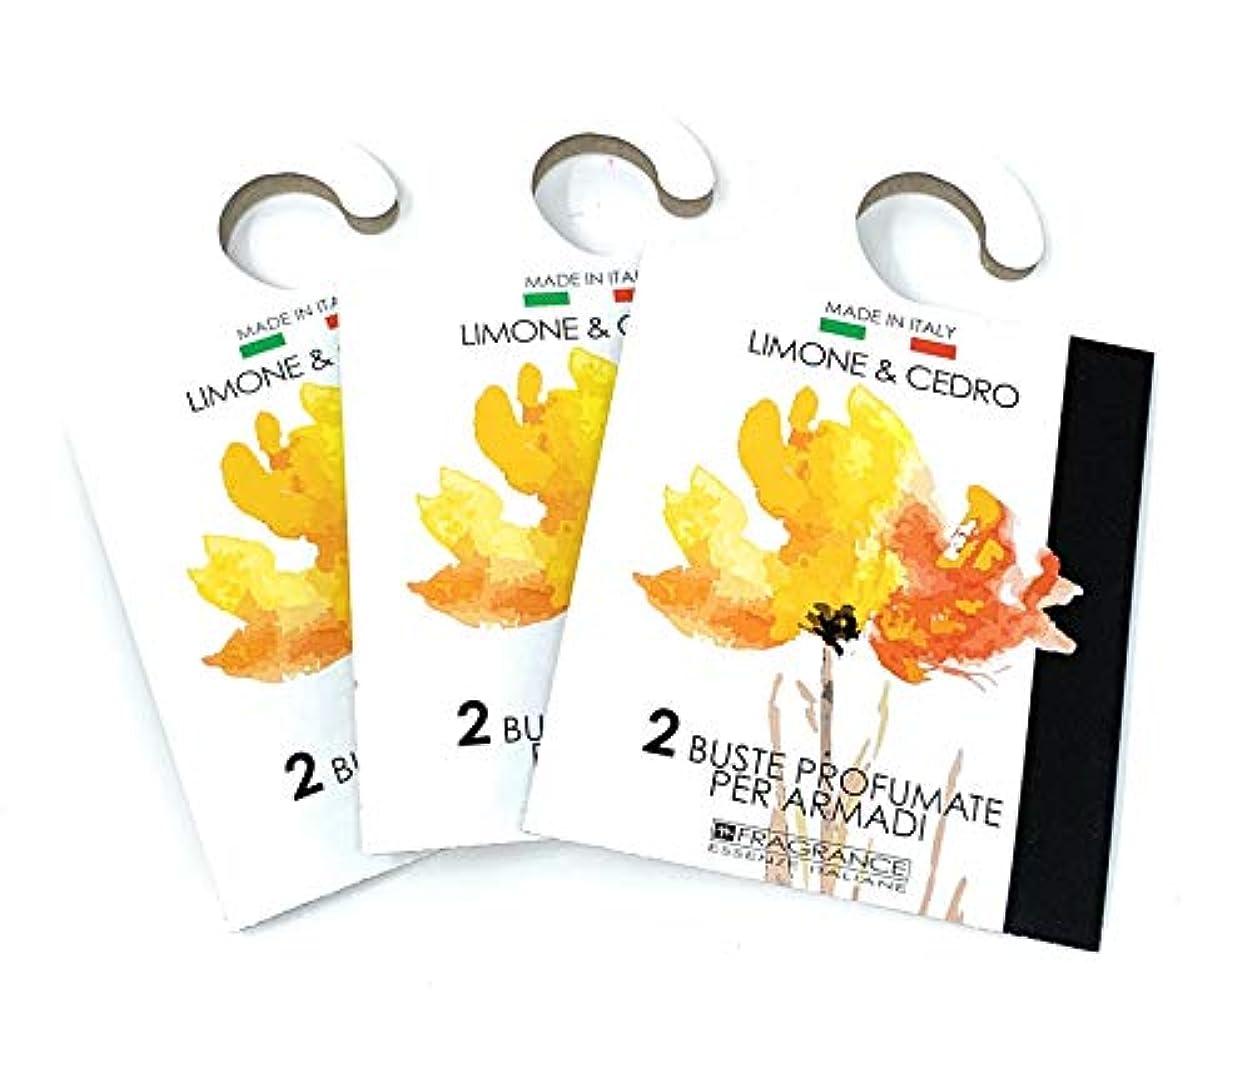 透過性普通に頼むMERCURY ITALY 吊り下げるサシェ(香り袋) ACQUARELLO レモン&シトロンの香り/LIMONE & CEDRO 2枚入り×3パック [並行輸入品]